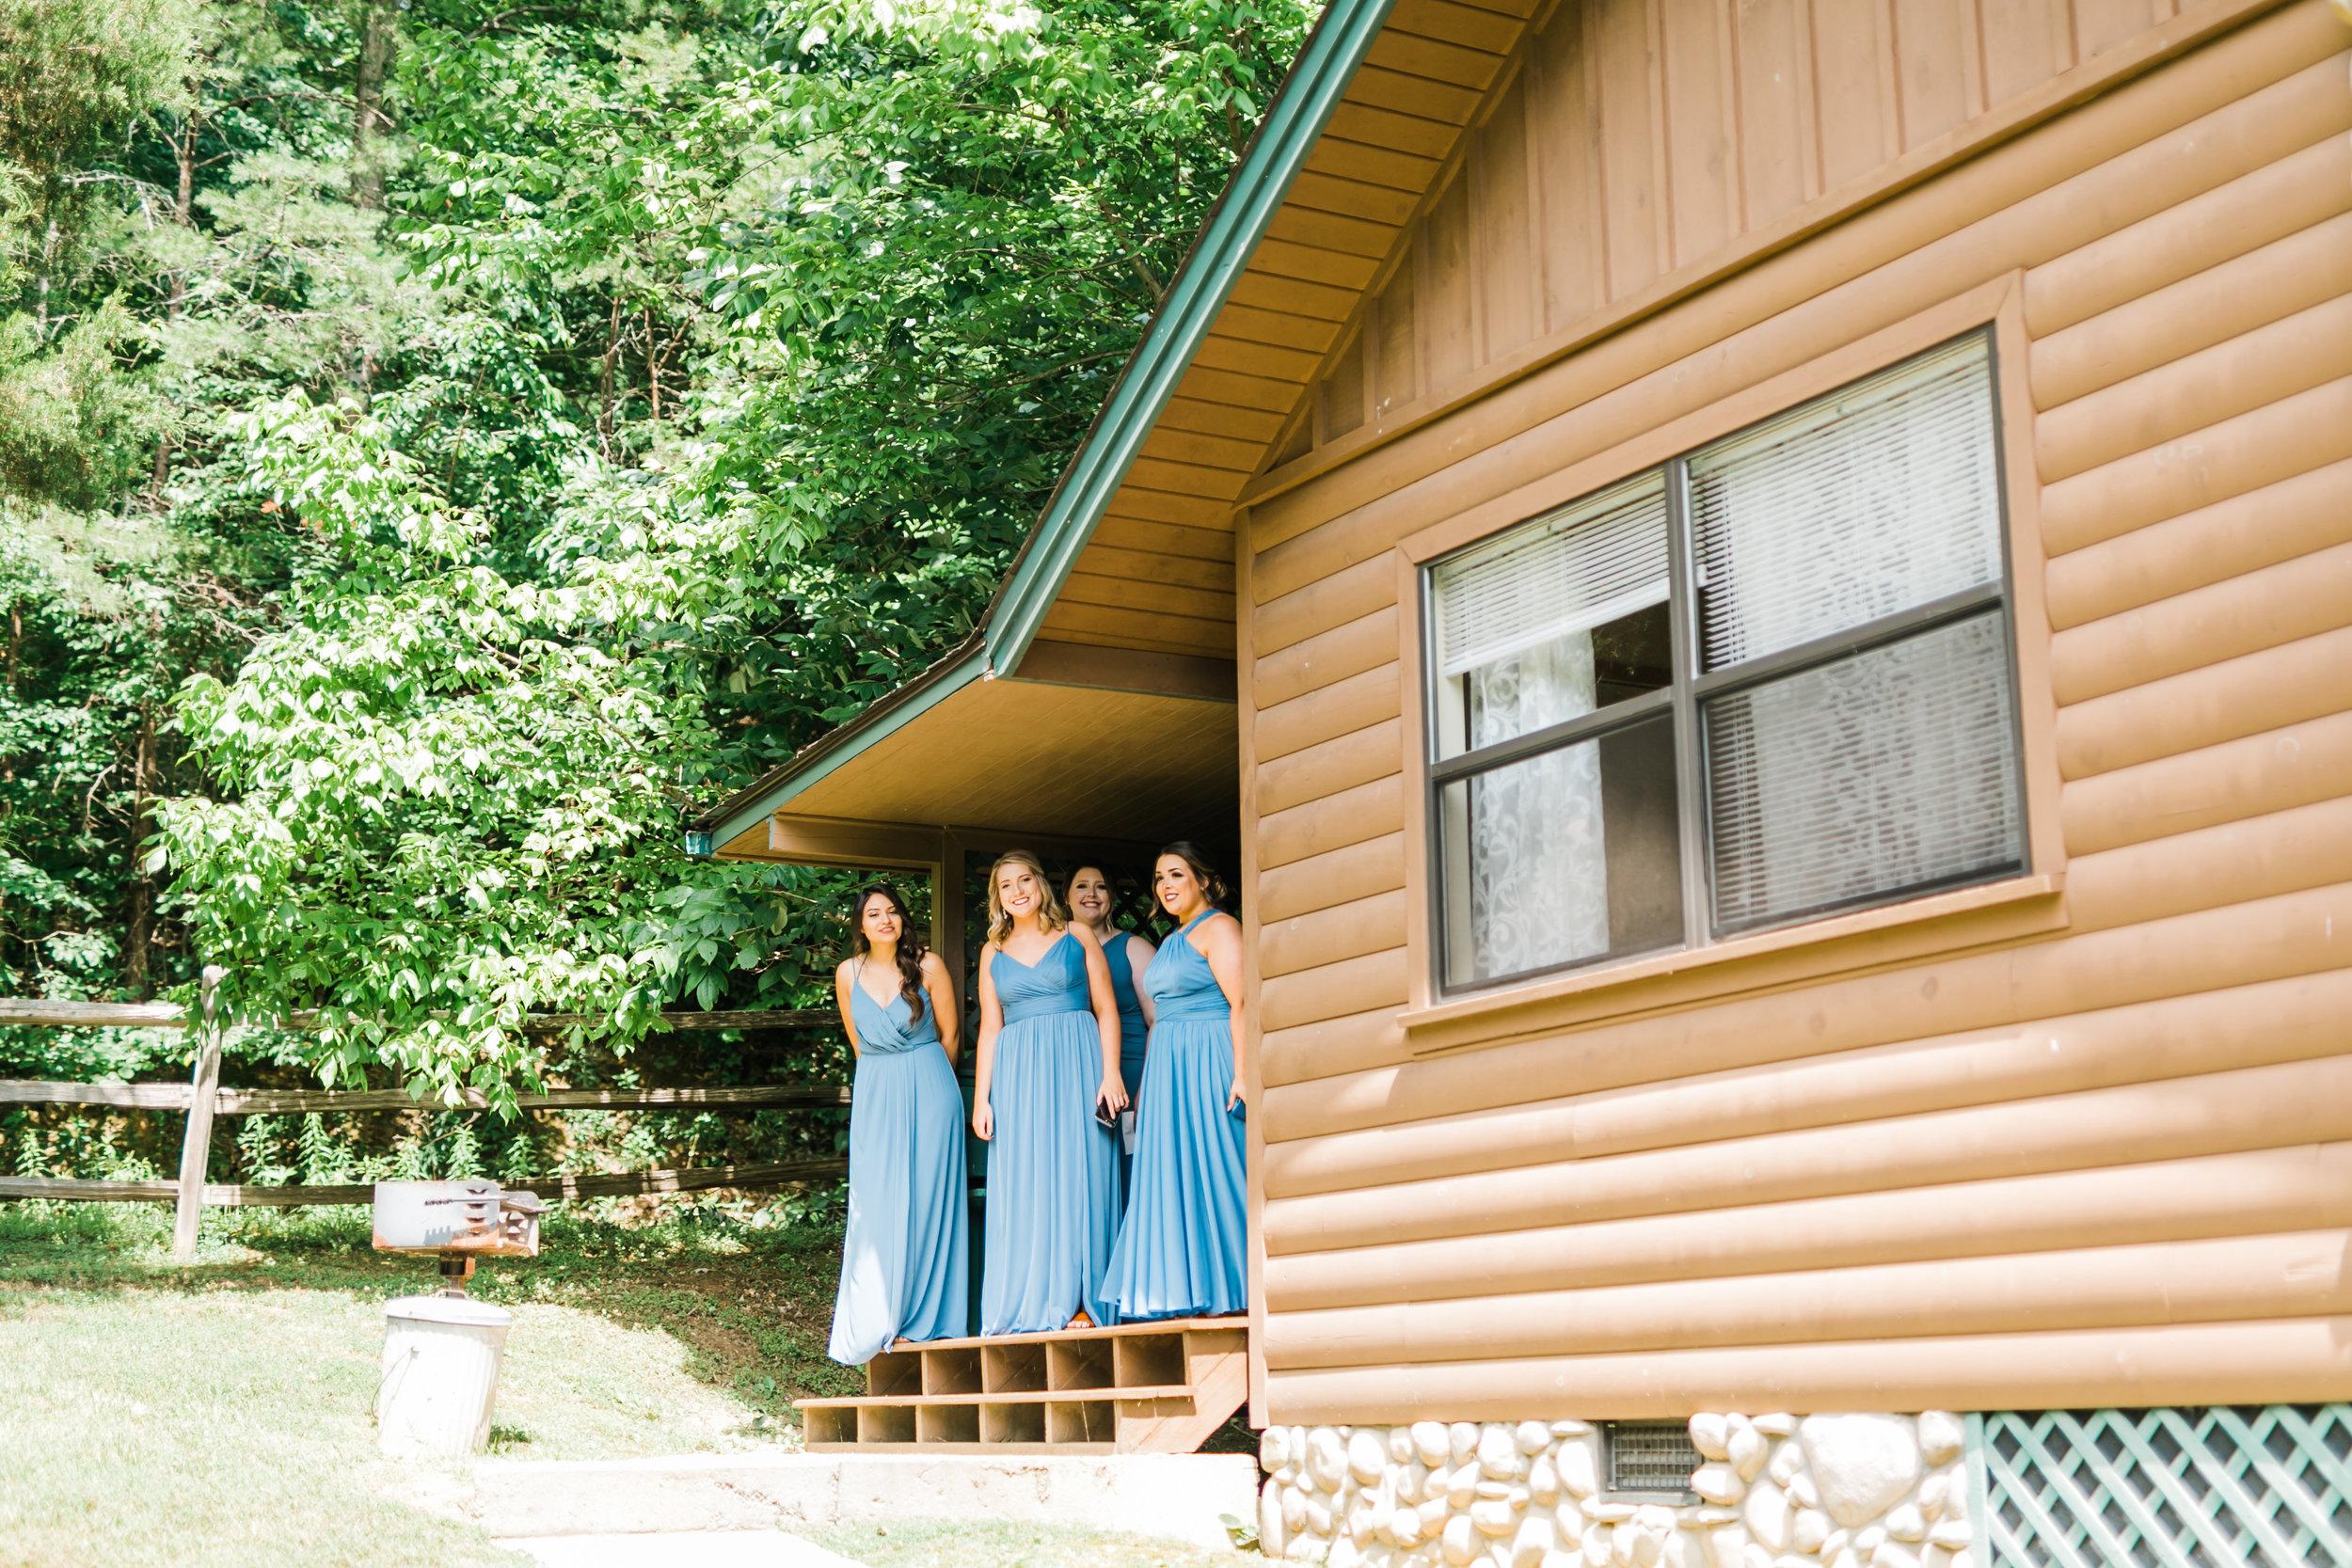 cardinals nest venue Sevierville bridesmaids in blue